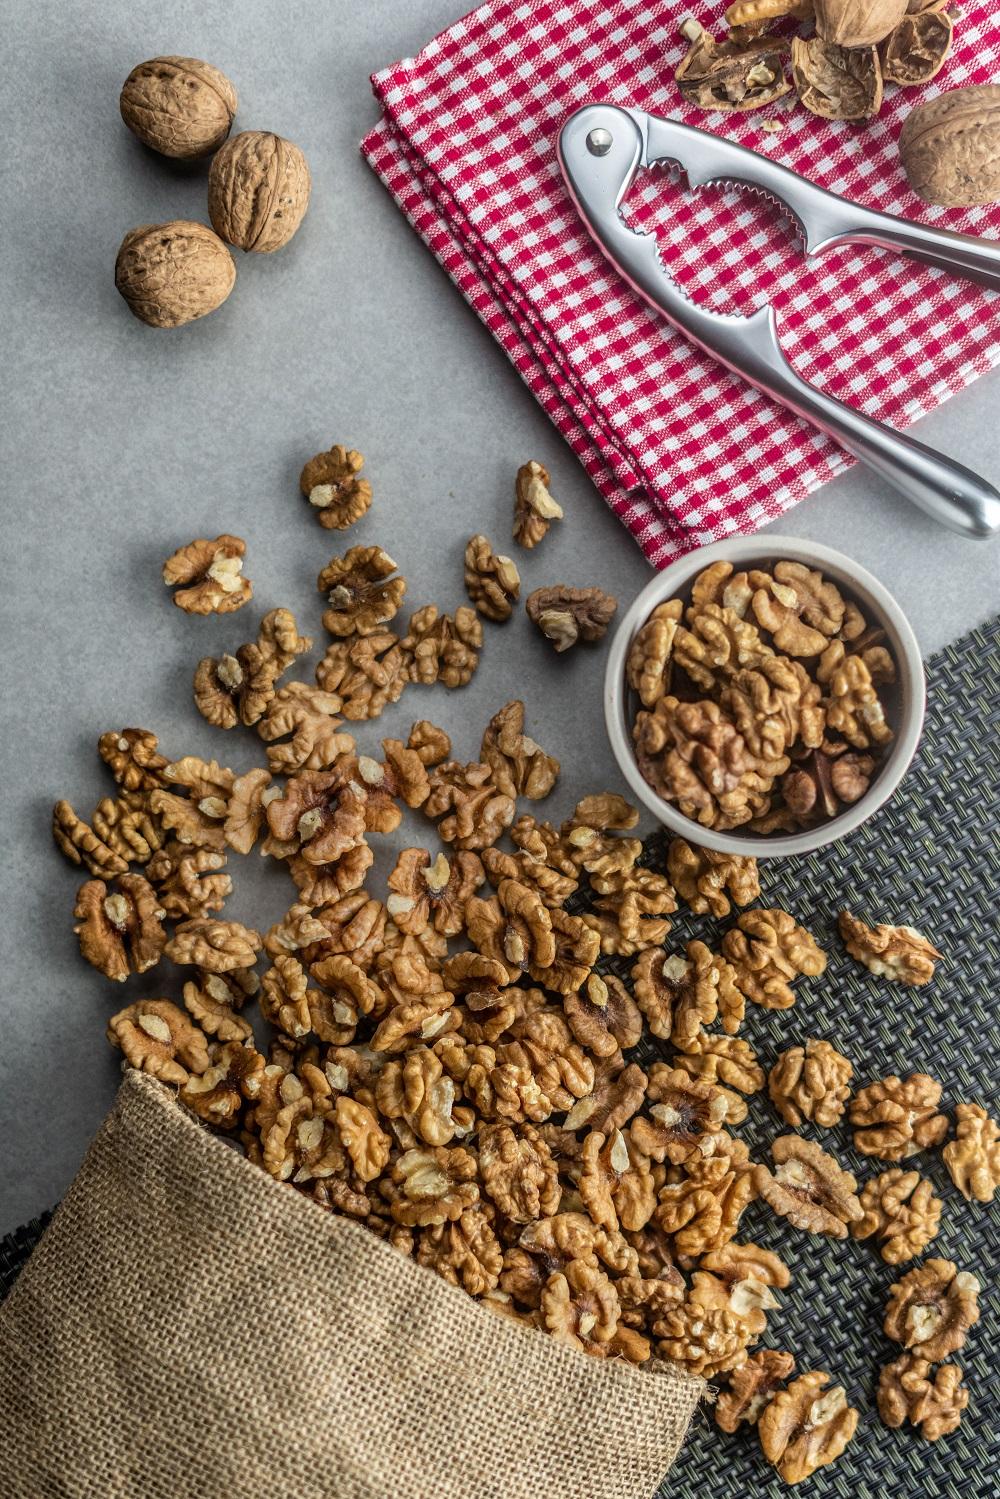 heap-of-peeled-walnuts-P9VFN4G-min.jpg